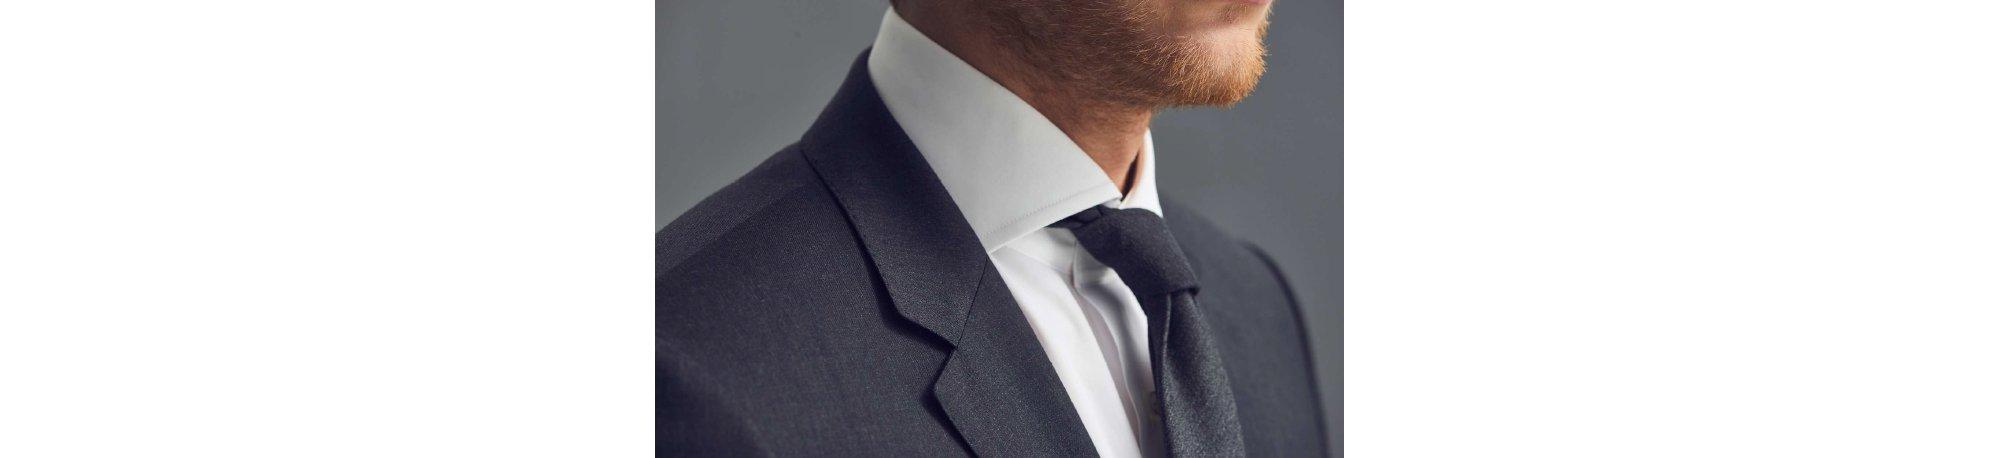 Dunkelblauer Anzug und Krawatte von BOSS